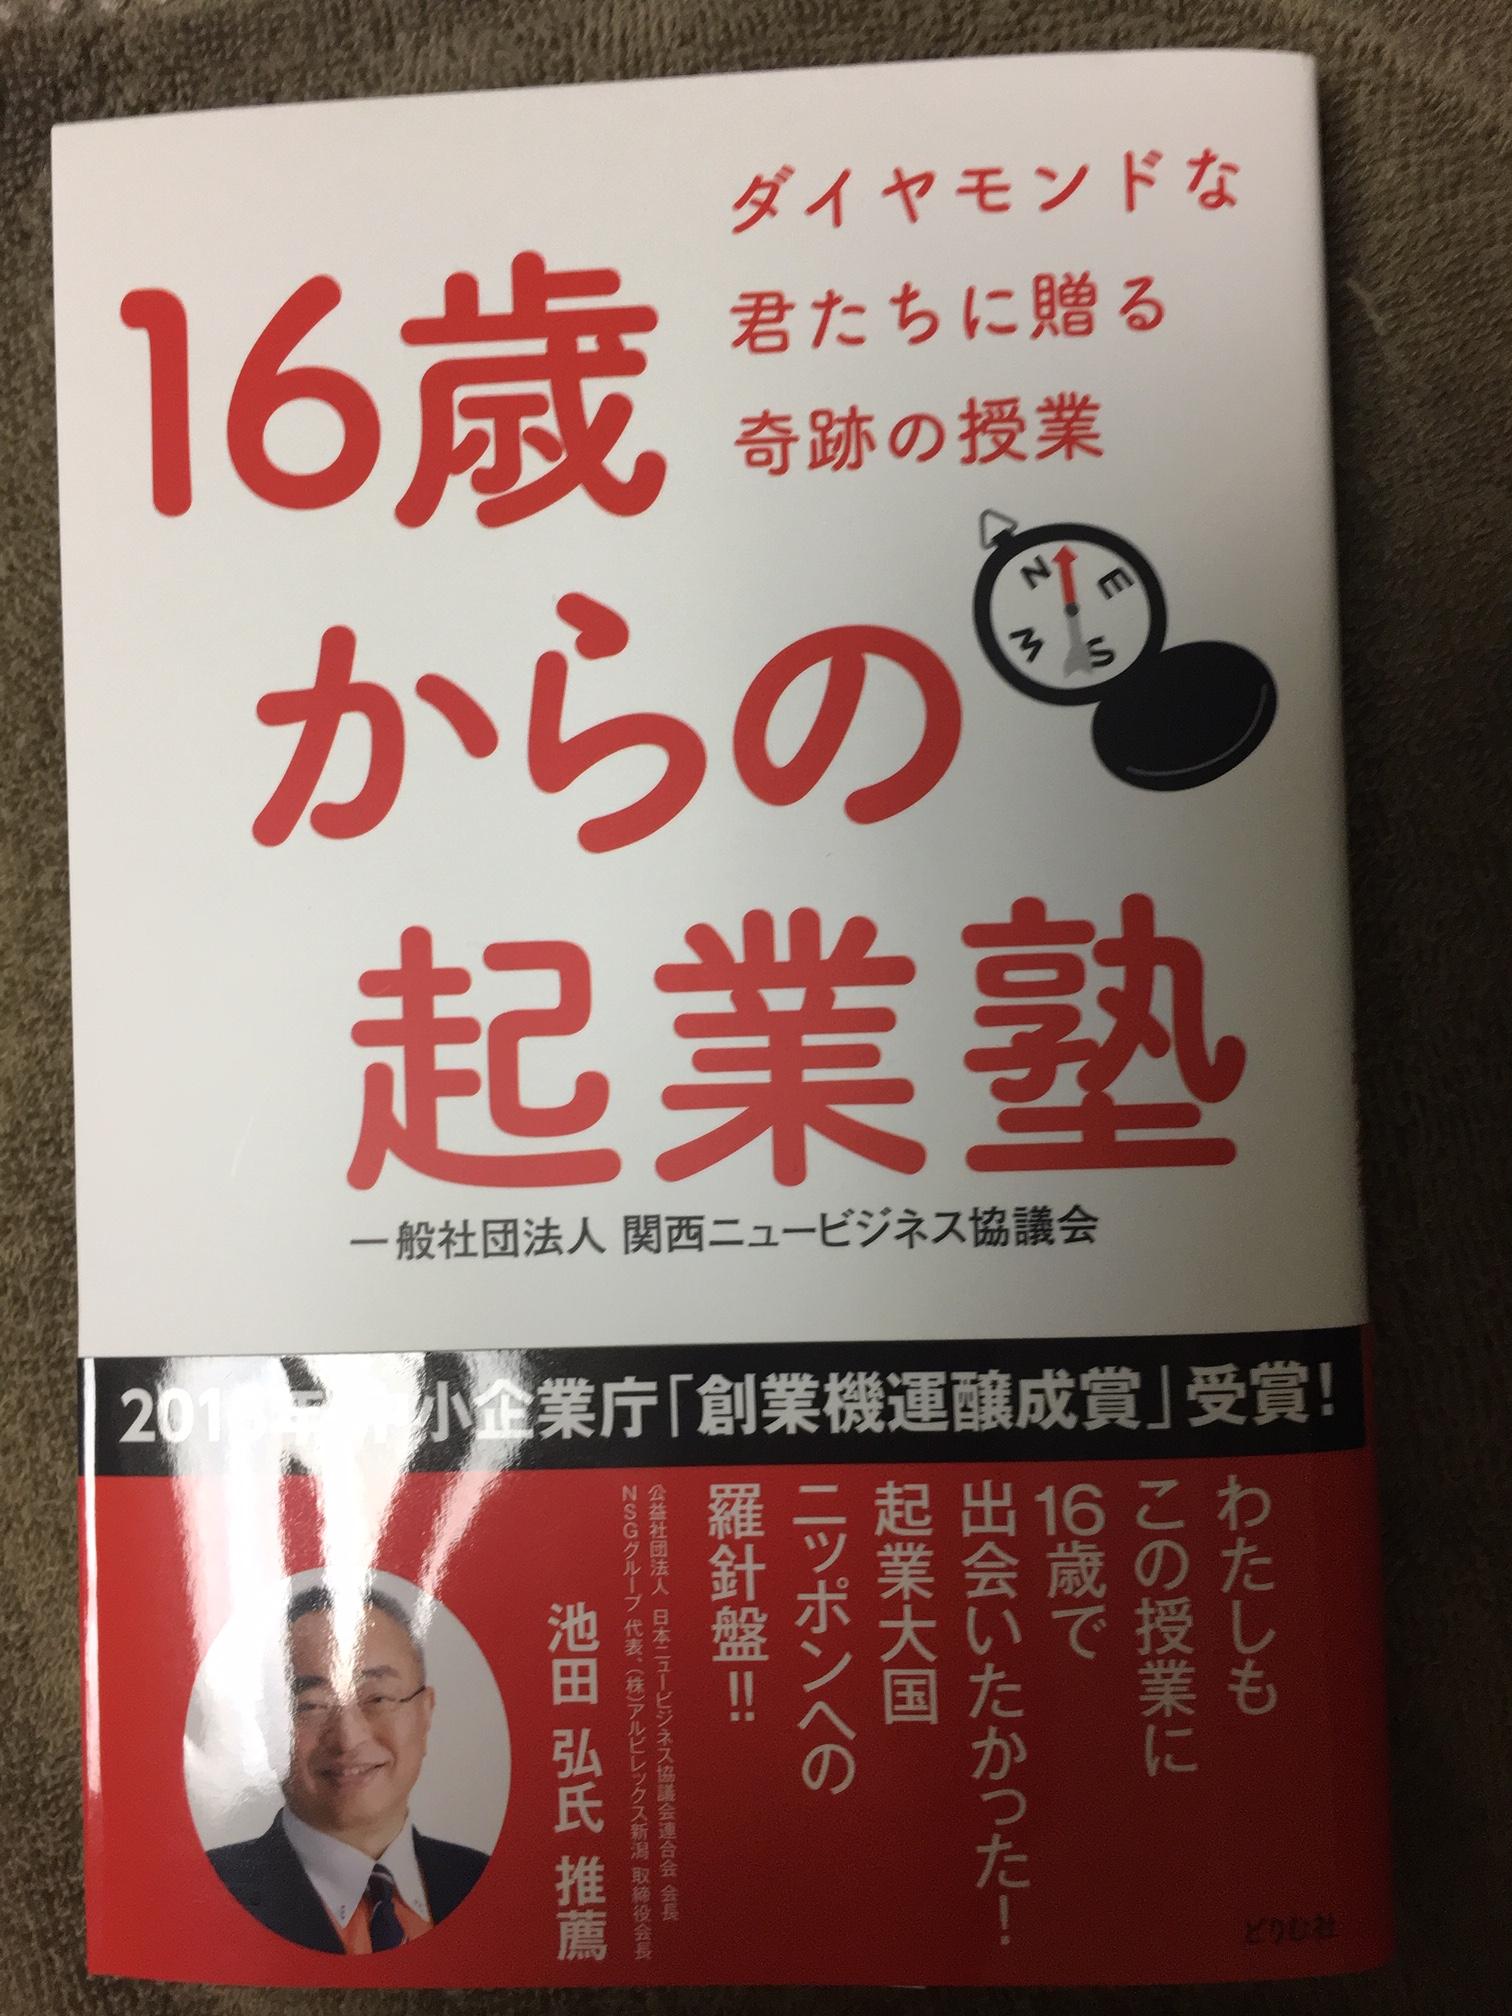 16歳からの起業塾 NBK http://www.ankh-jp.com